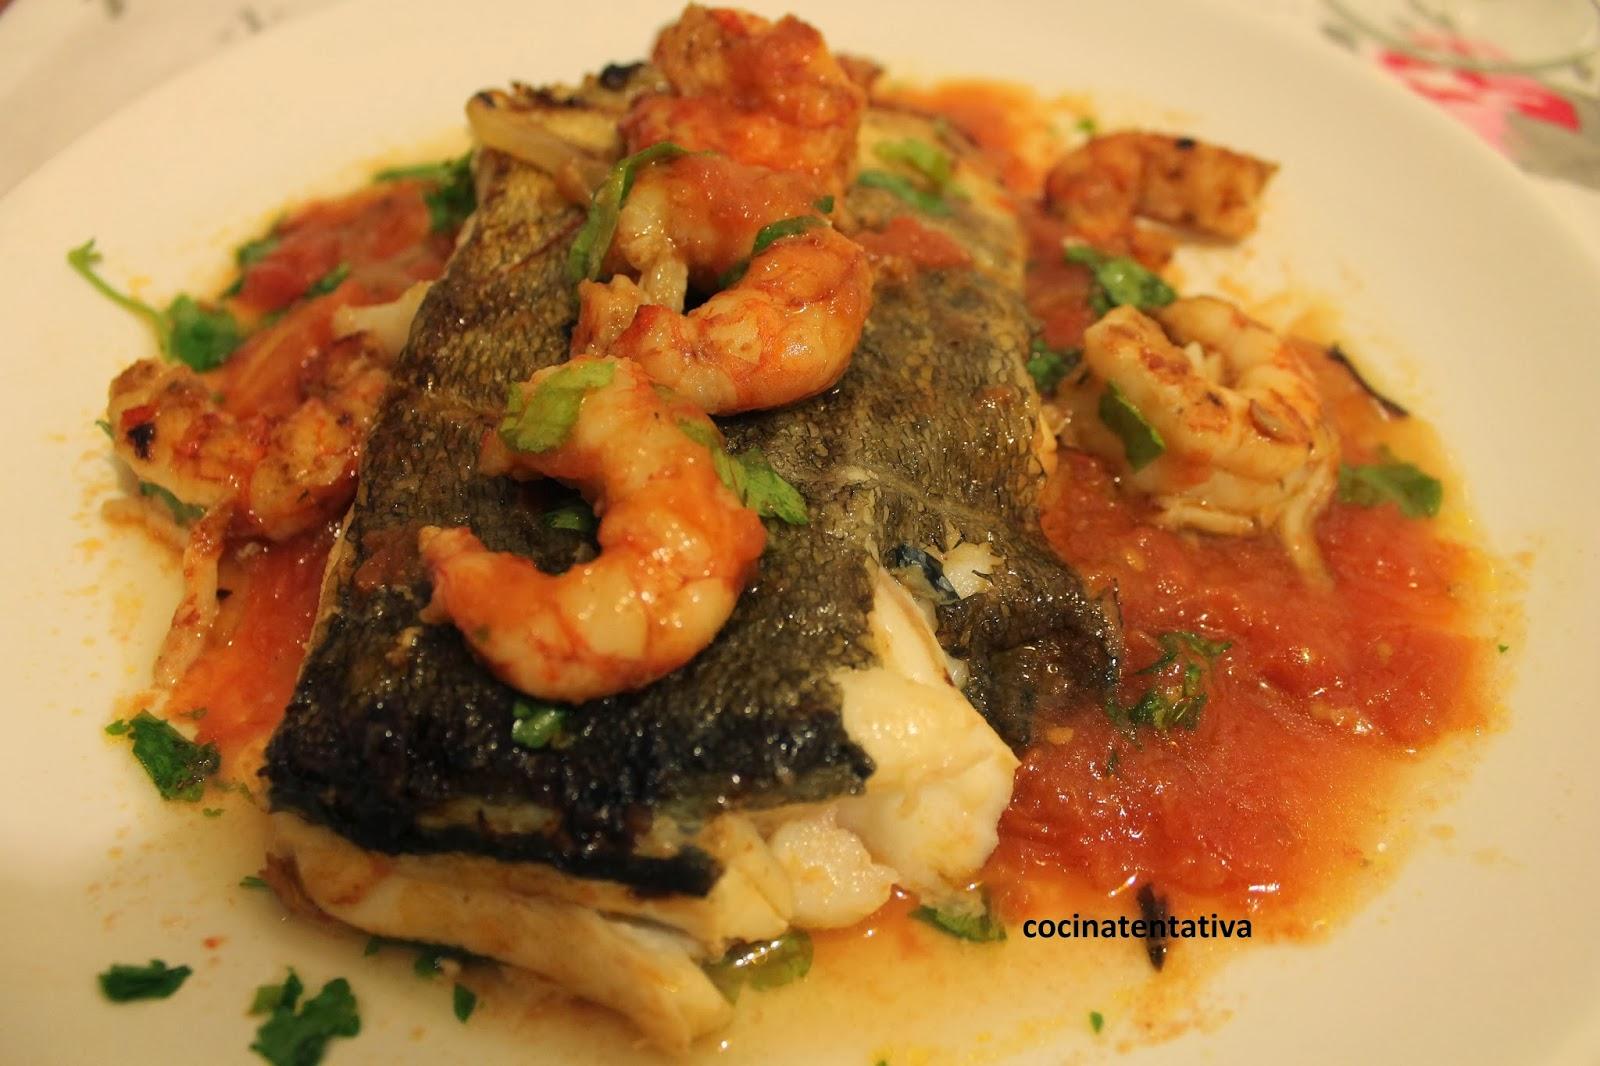 Mis recetas escondidas bacalao fresco con tomate y - Bacalao fresco con tomate ...